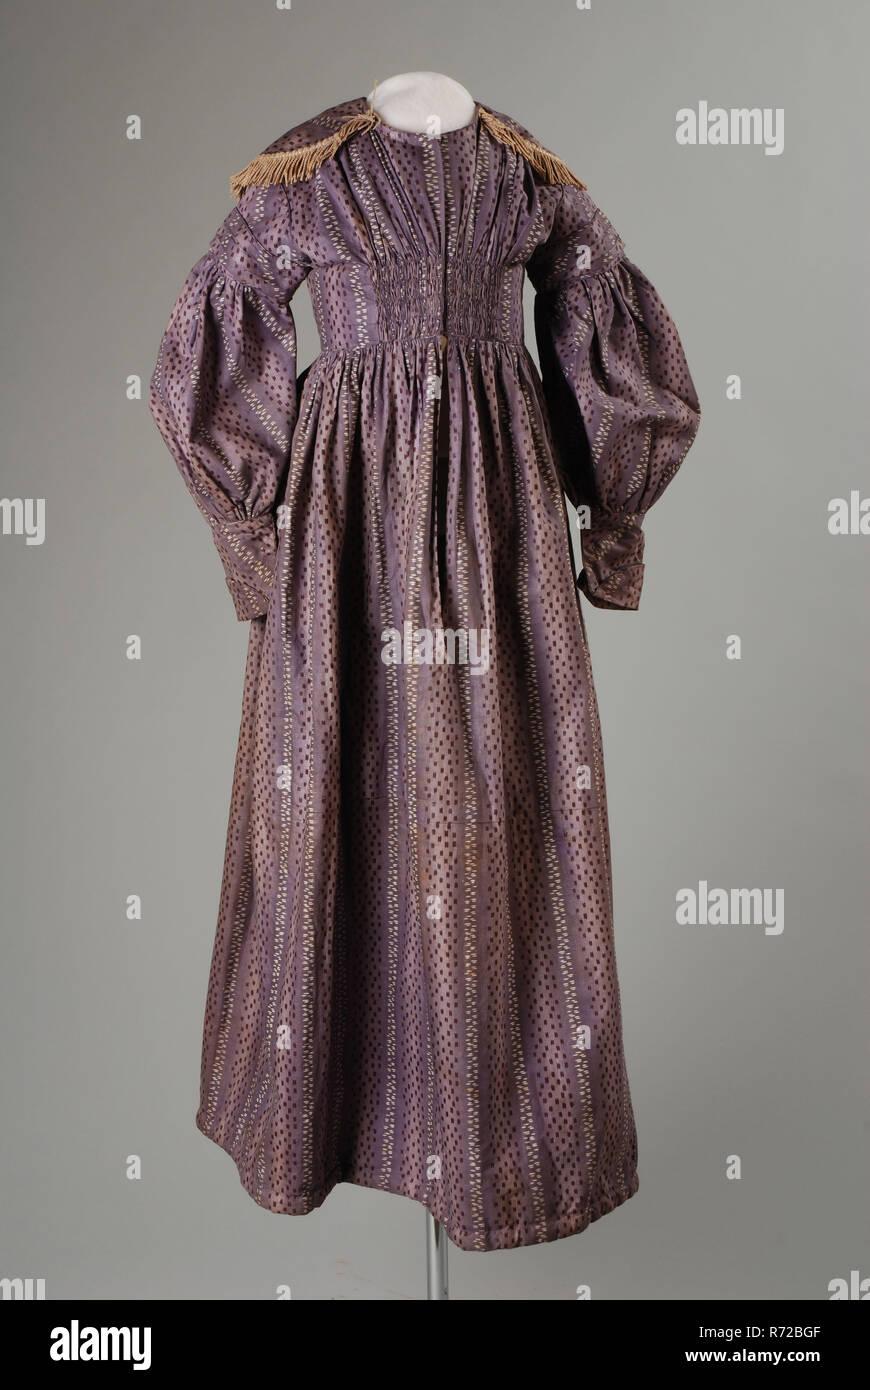 ee5dd2736c0f0 Les enfants de la robe de coton lilas imprimé en bandes de bourgogne et  blanc